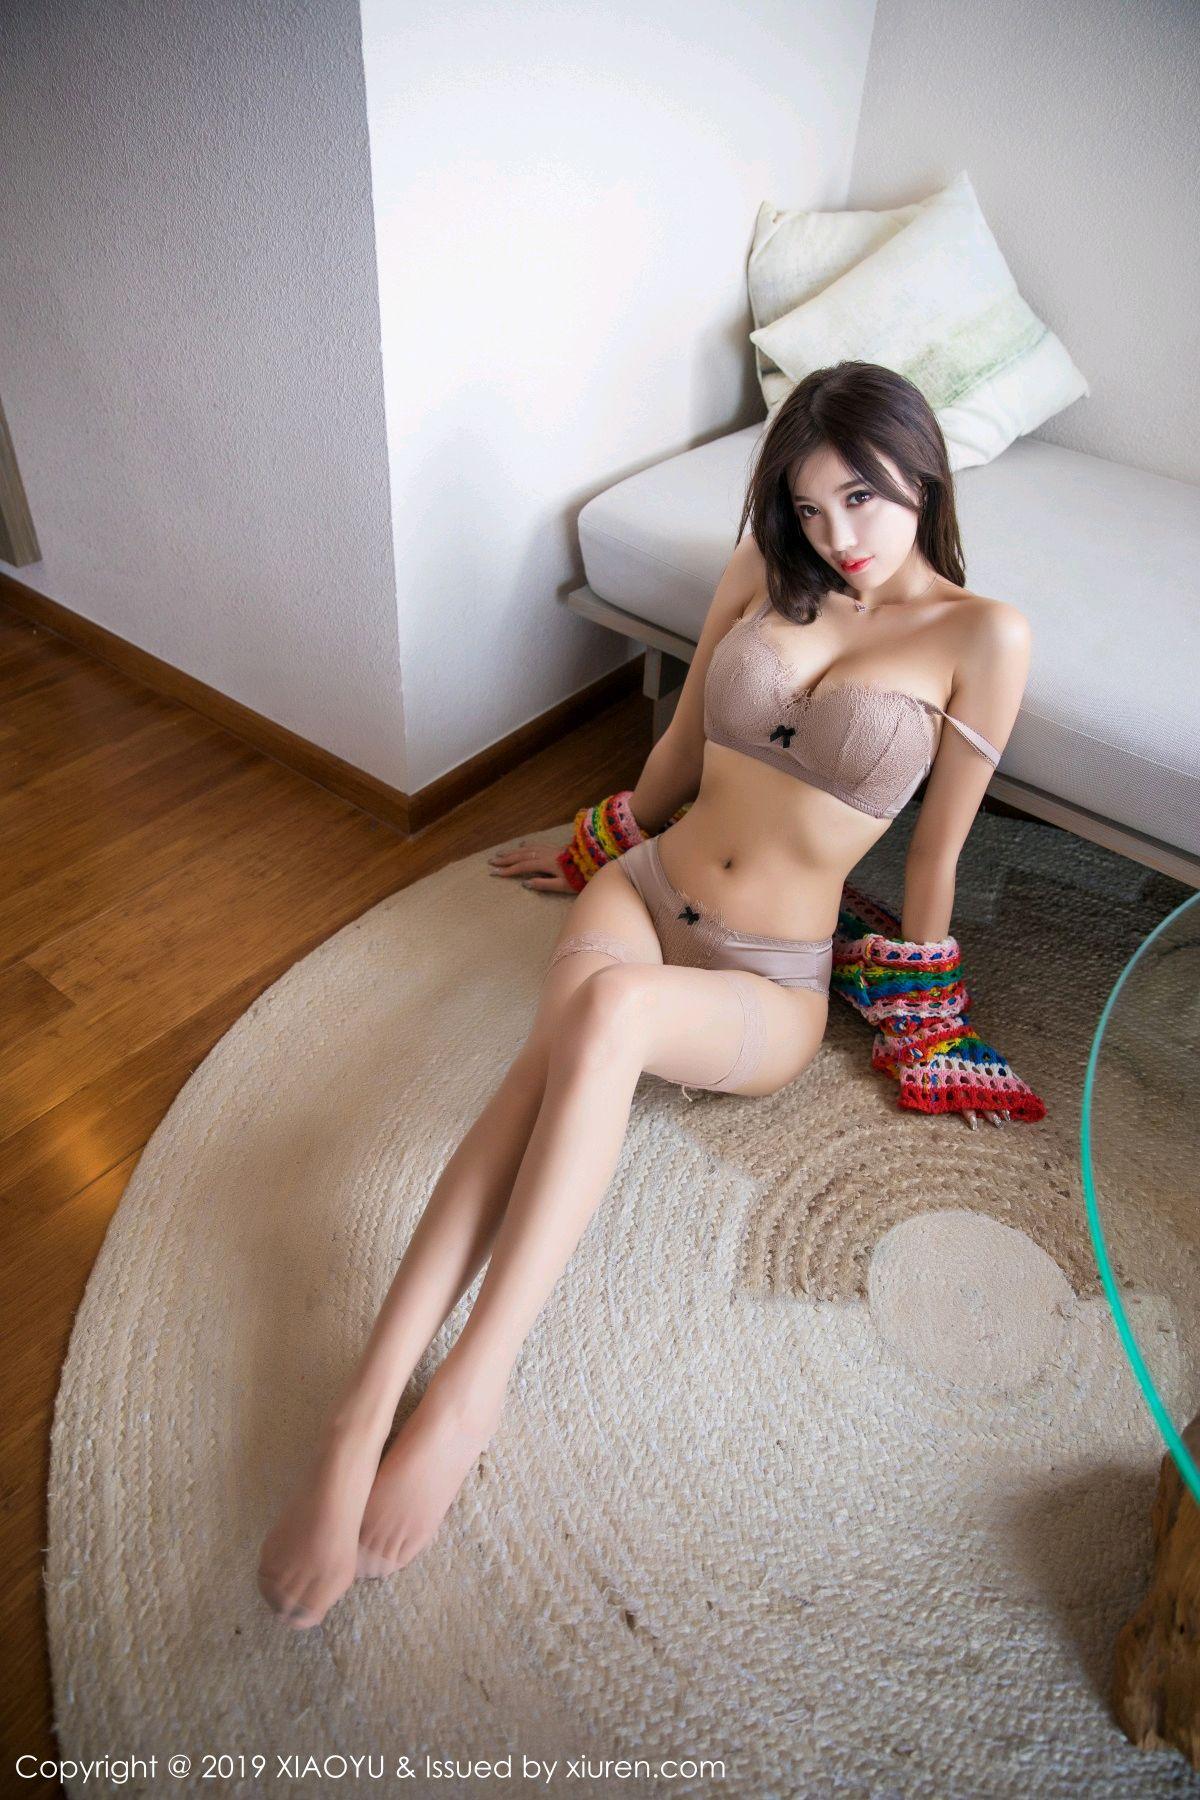 [XiaoYu] Vol.067 Yang Chen Chen 22P, Beach, Underwear, XiaoYu, Yang Chen Chen